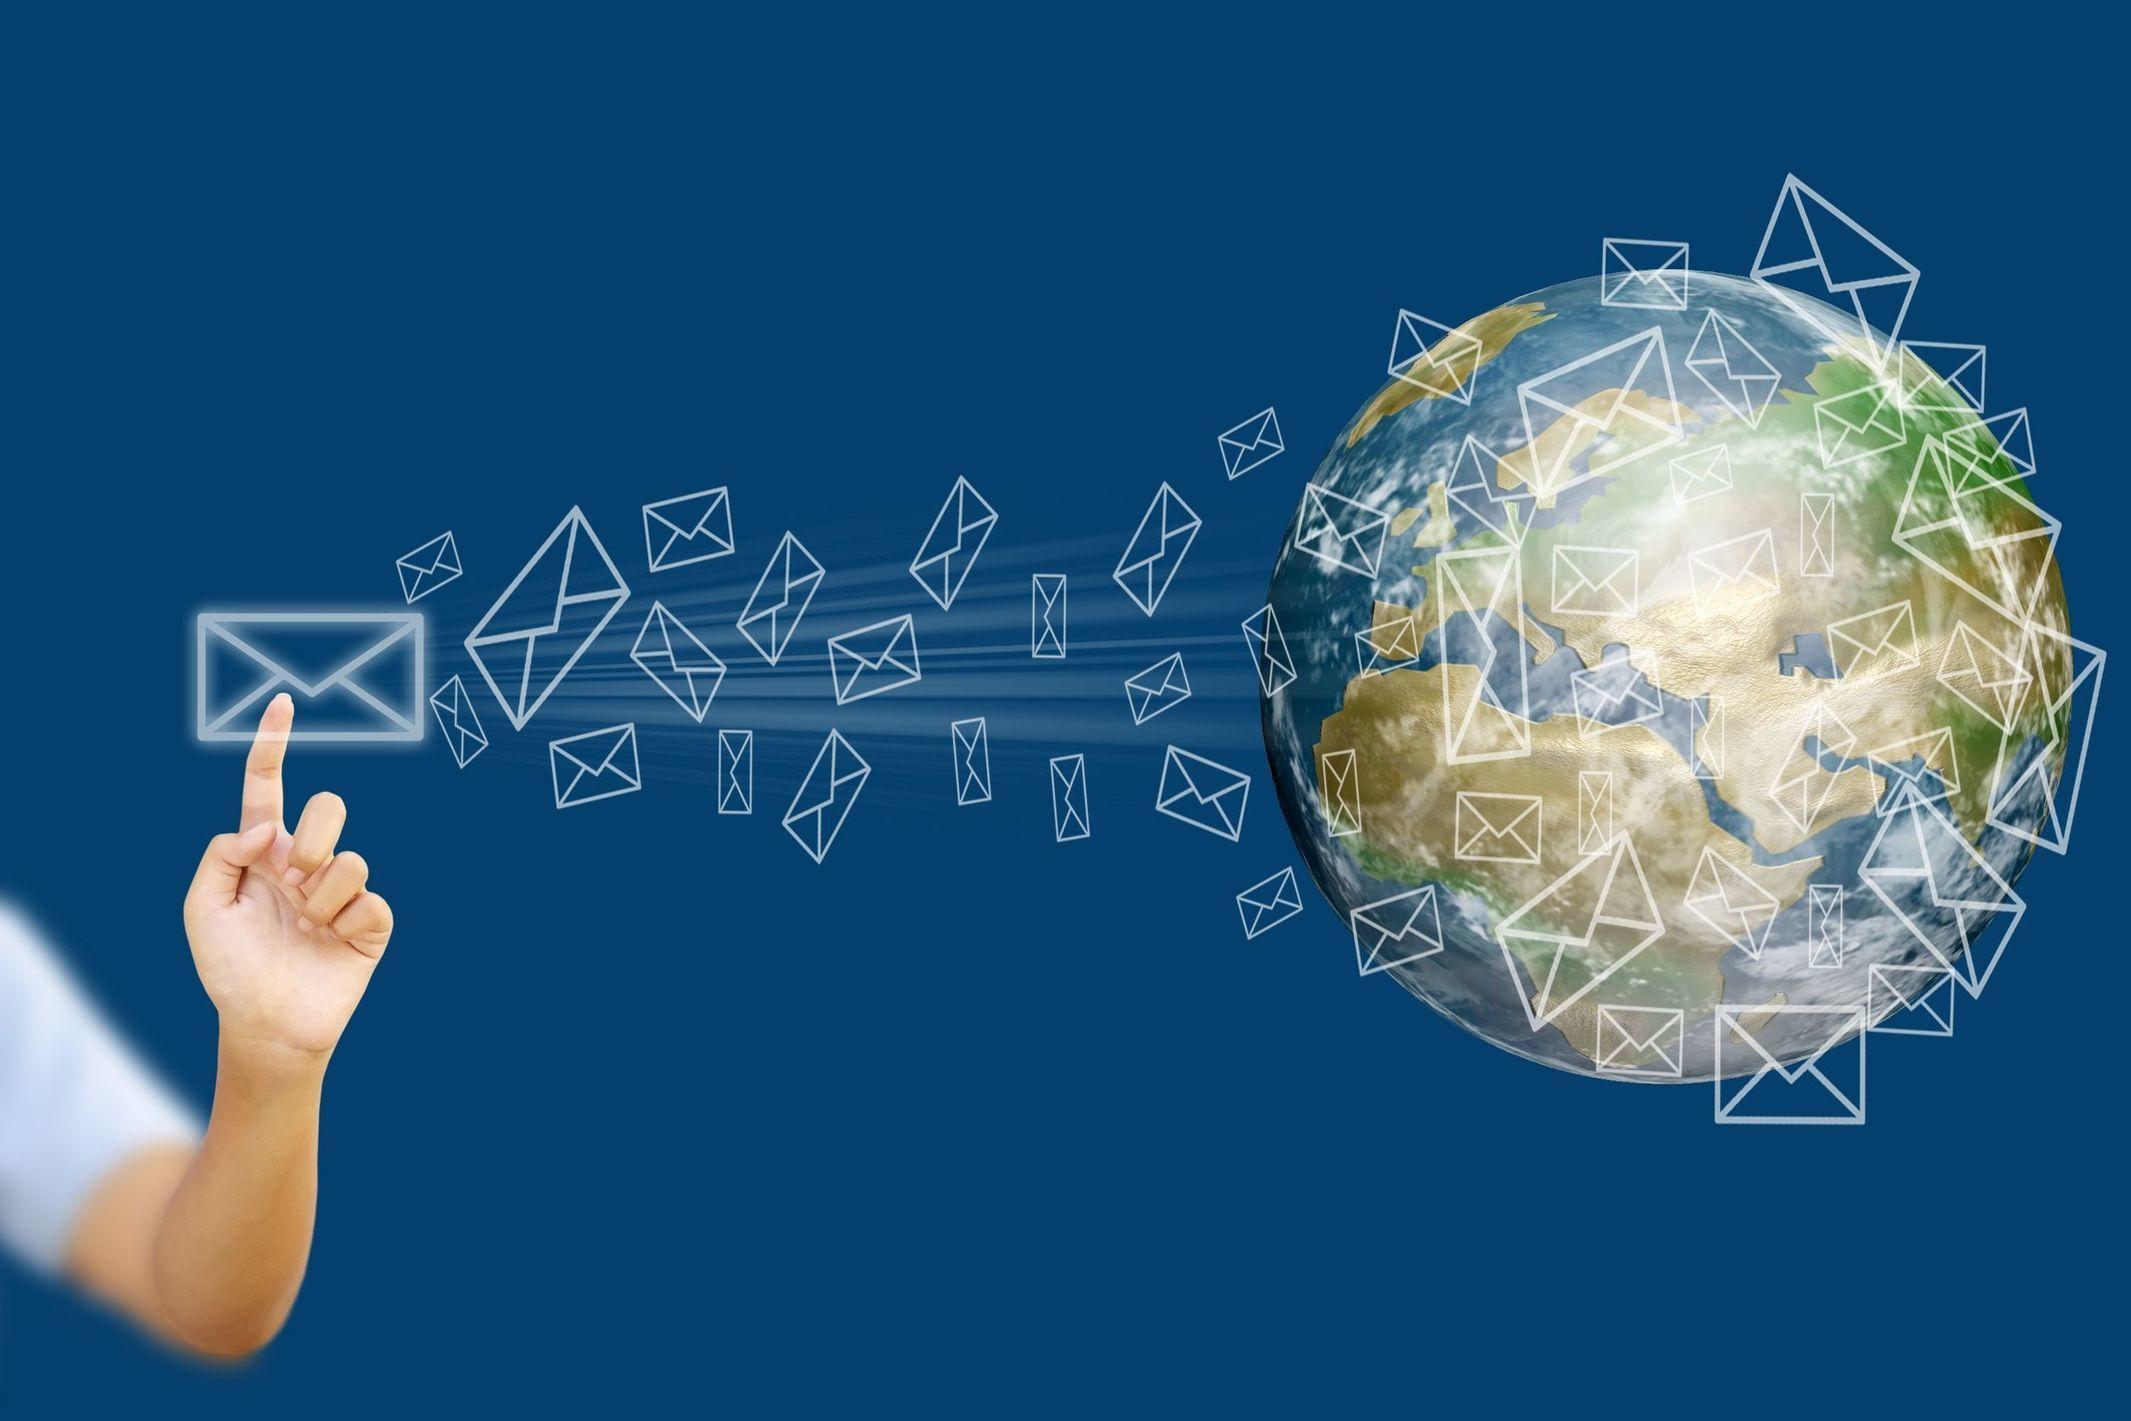 Лучшие сервисы смс рассылок по своей базе клиентов